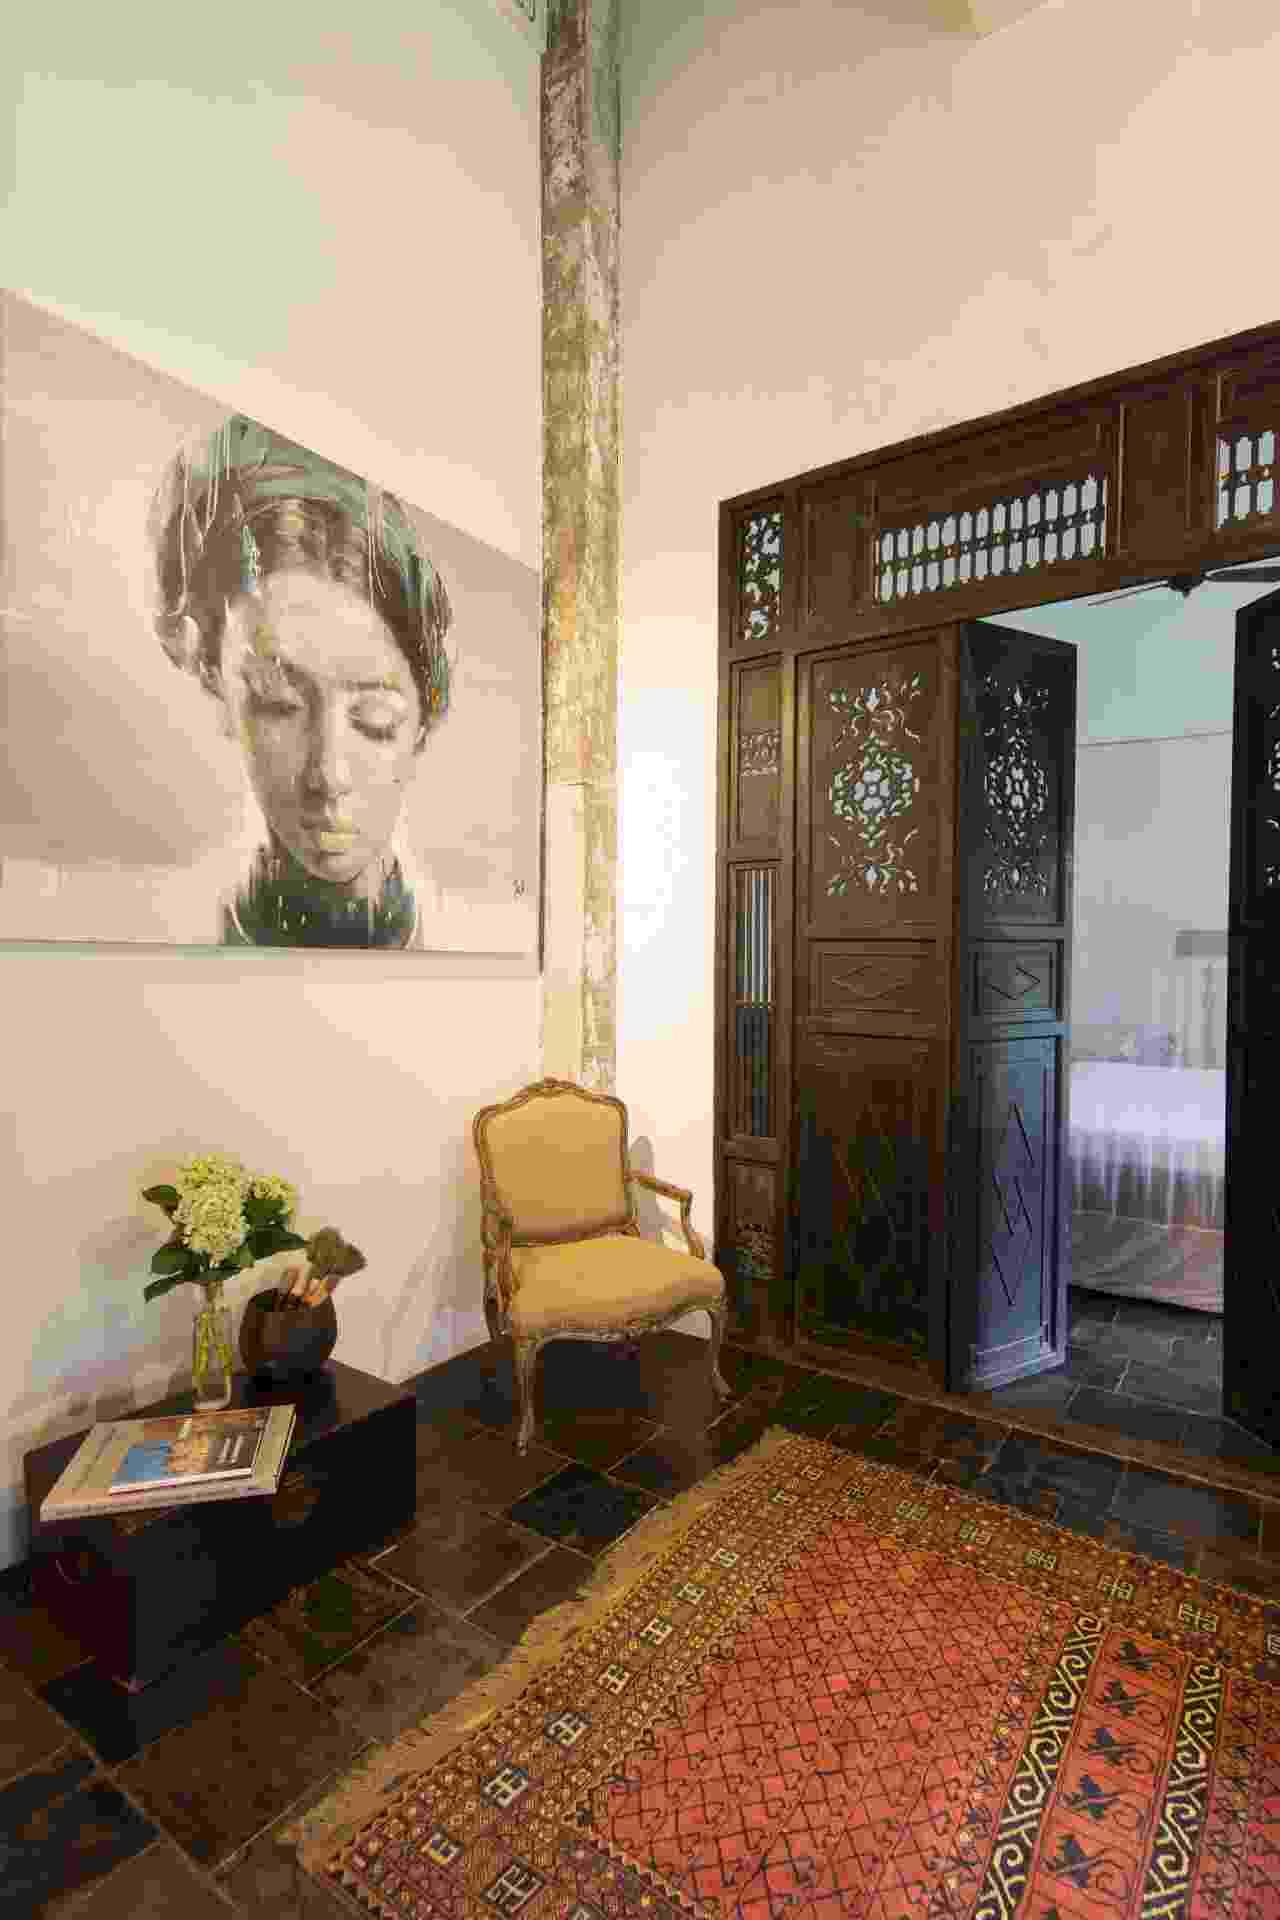 (Imagem do NYT, usar apenas no respectivo material) As portas de madeira com intrincados entalhes e recortes presta homenagem ao passado colonial francês de Ho Chi Ming, bem como as malas (à esq.), que fazem as vezes de mesa de apoio. Ainda no ambiente, a pintura de Phuong Quoc Tri (à esq.), um artista vietnamita, é combinada à cadeira estilo Luís 15 e ao tapete paquistanês - Marcel Lam/ The New York Times